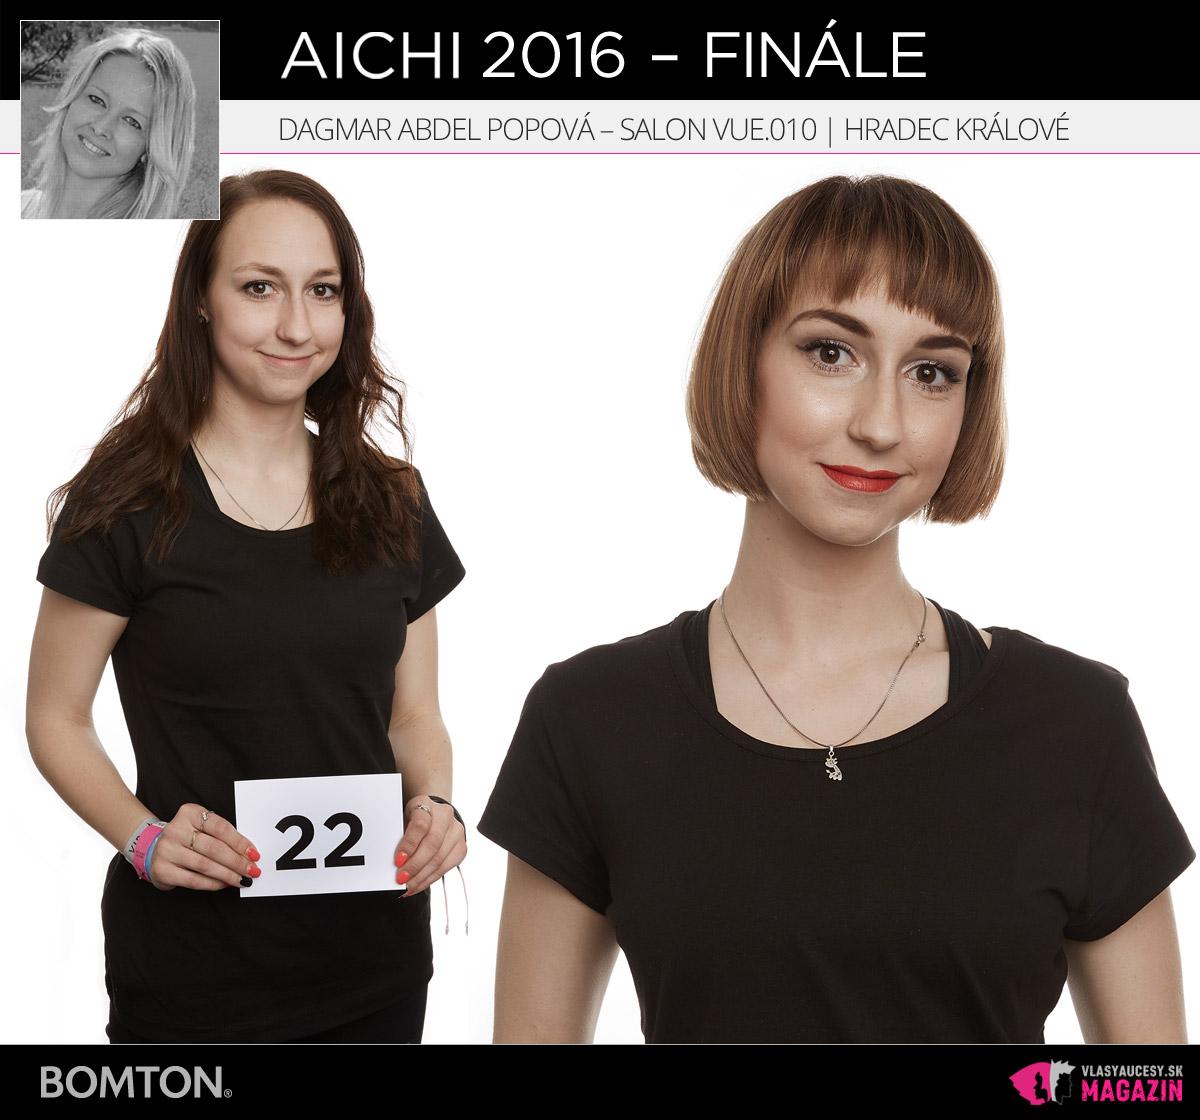 Dagmar Abdel Popová – Salon VUE.010, Hradec Králové | Premeny AICHI 2016 – postupujúci do finálového kola